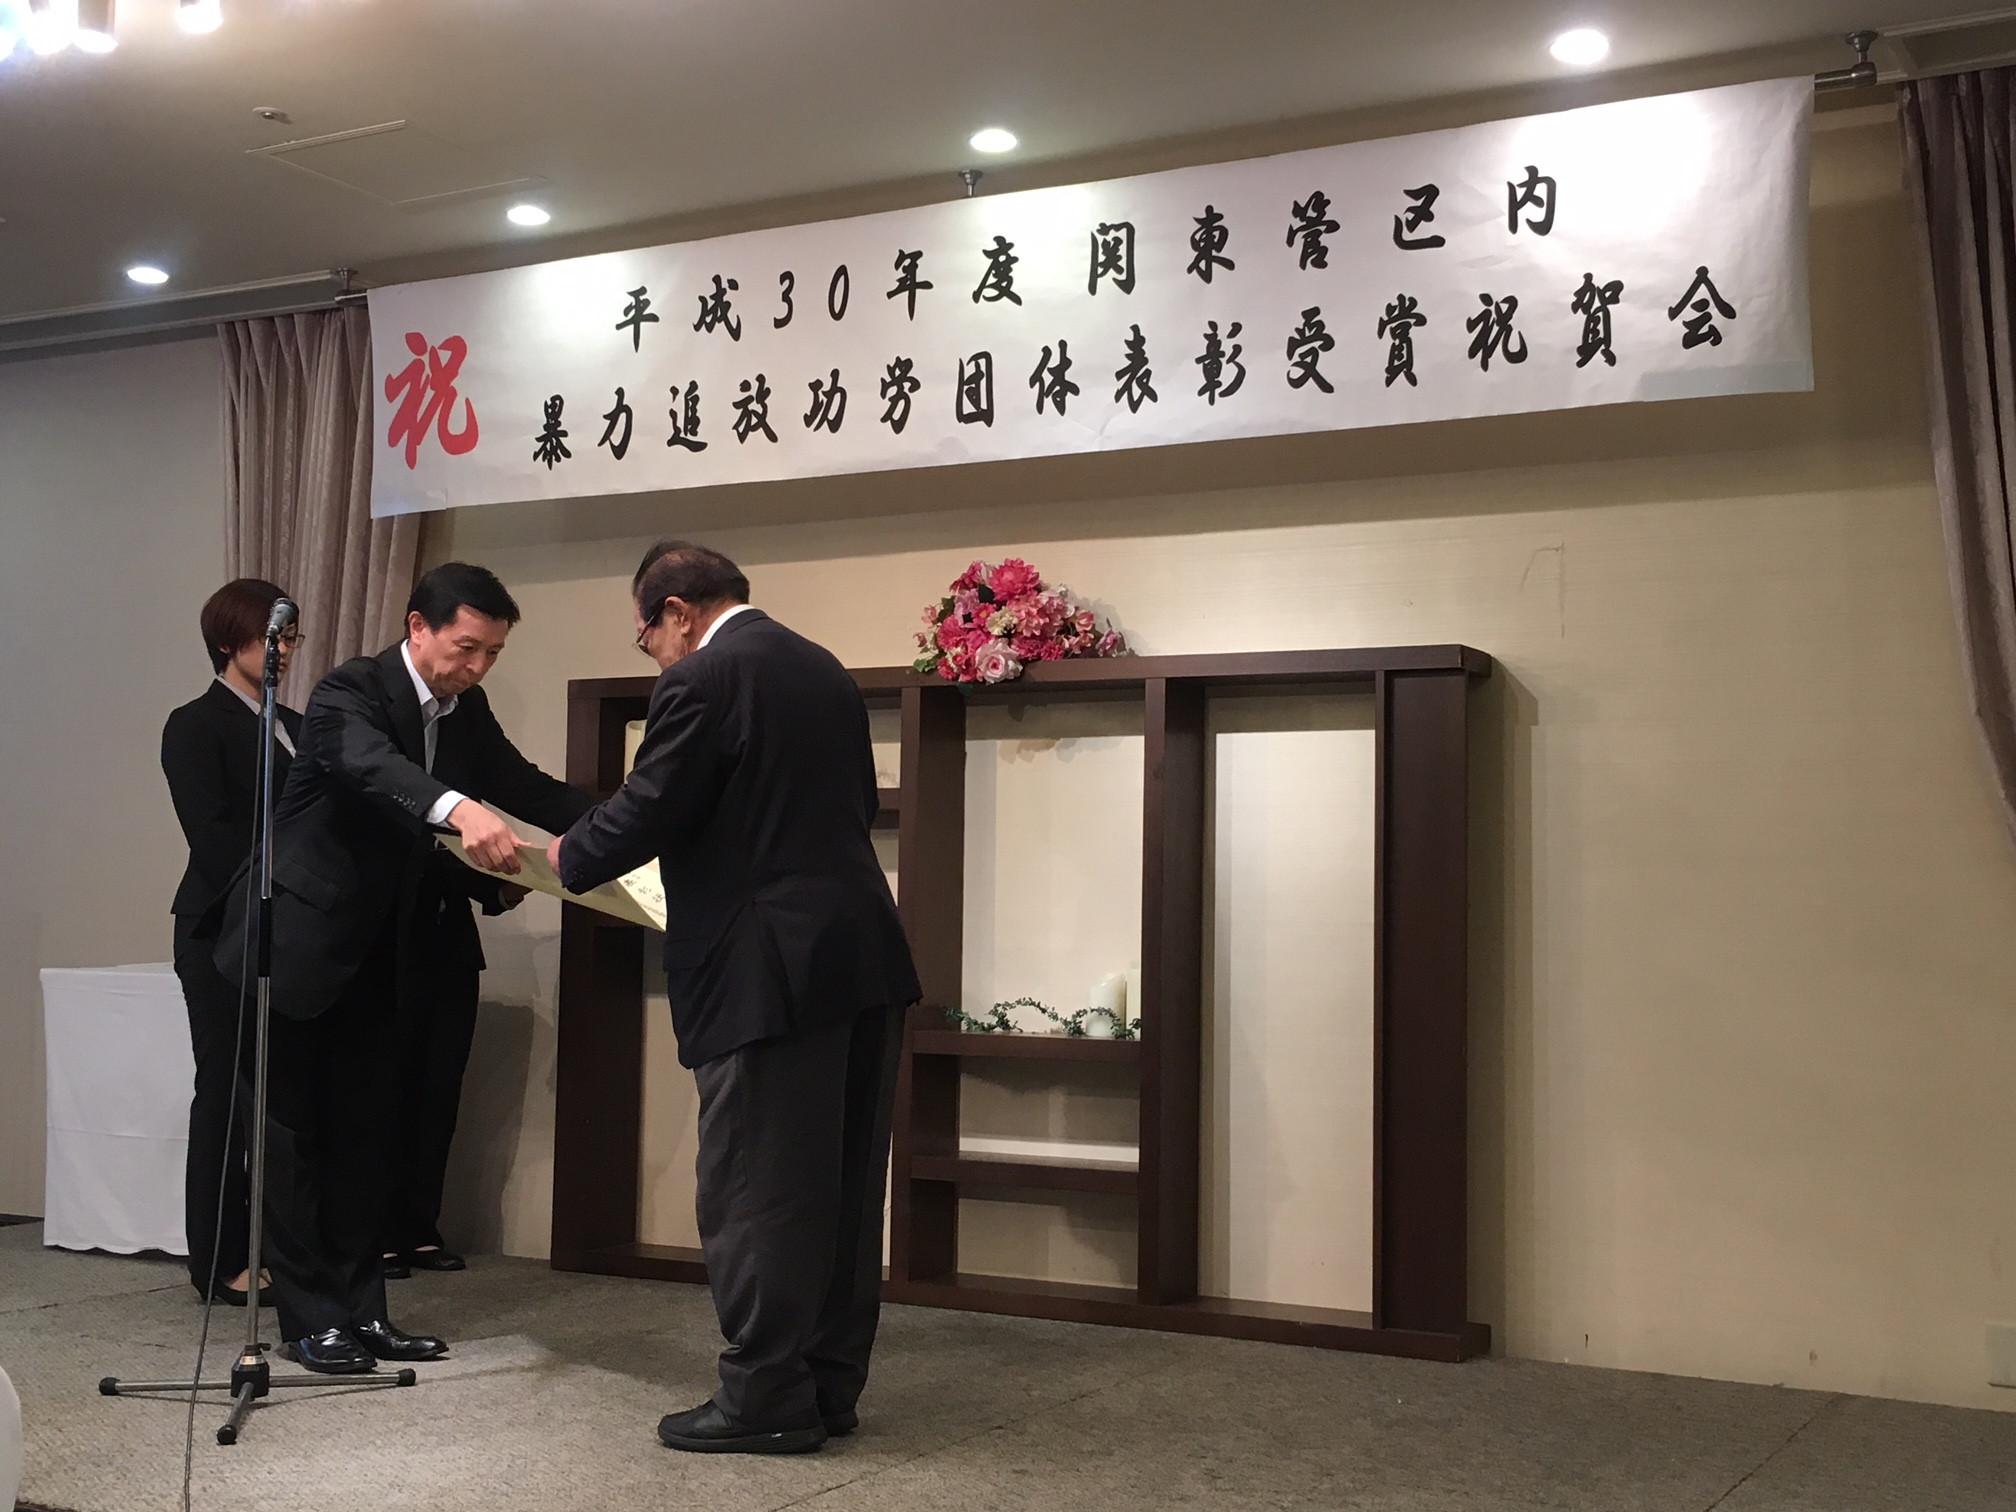 平成30年度 関東管区内 暴力追放功労団体表彰受賞祝賀会アイキャッチ画像